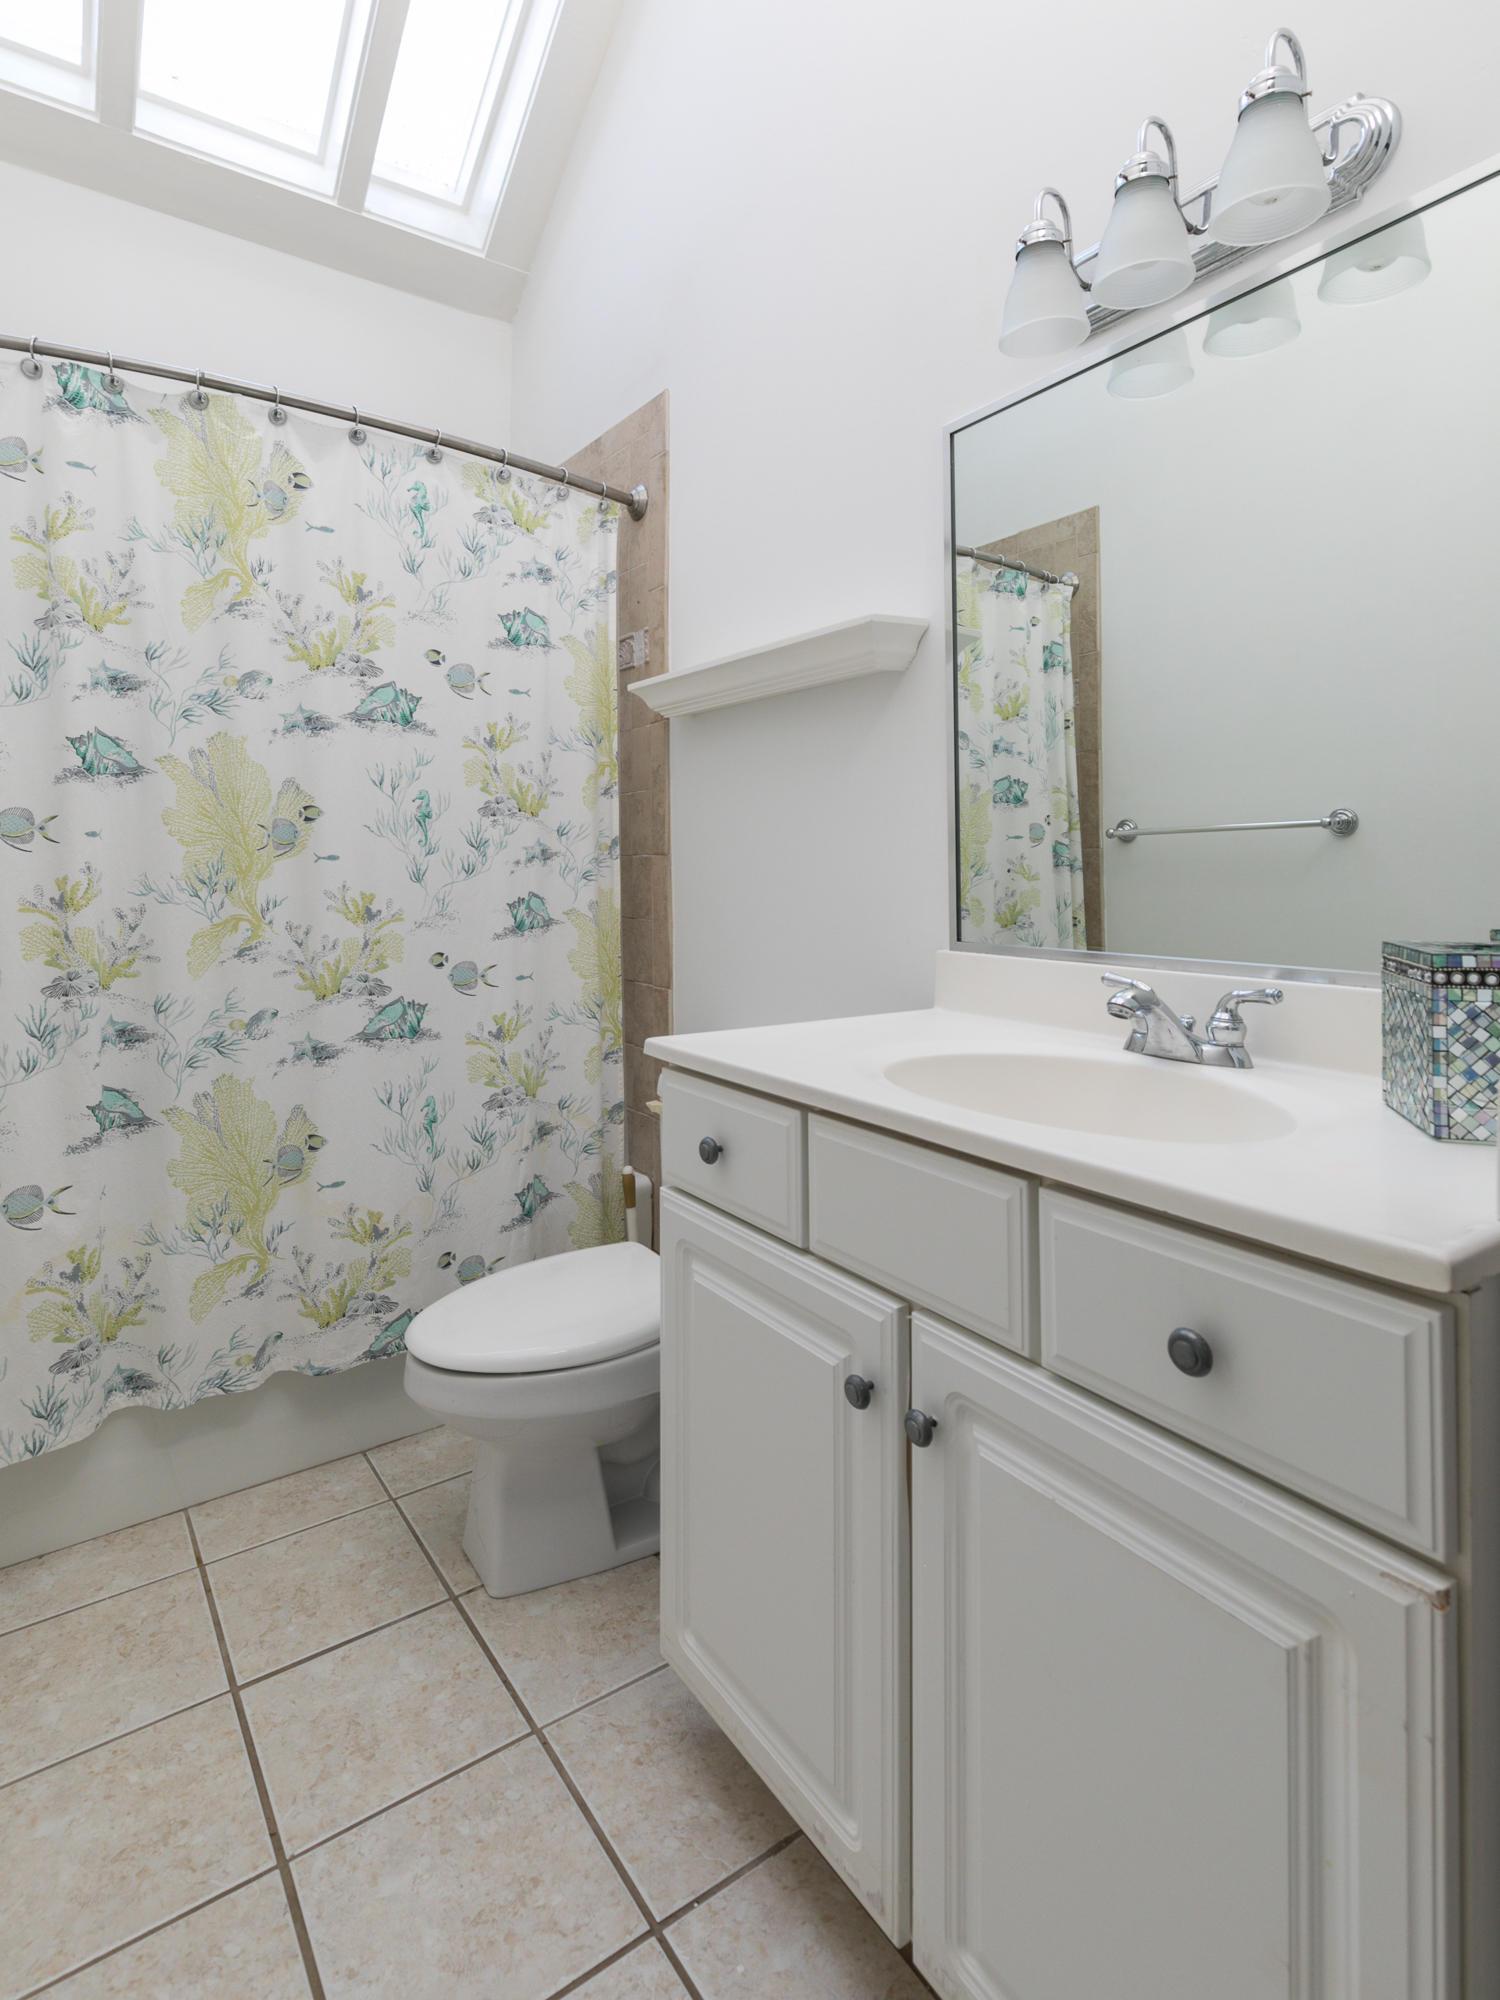 Sandpiper Pointe Homes For Sale - 326 Pelican, Mount Pleasant, SC - 4